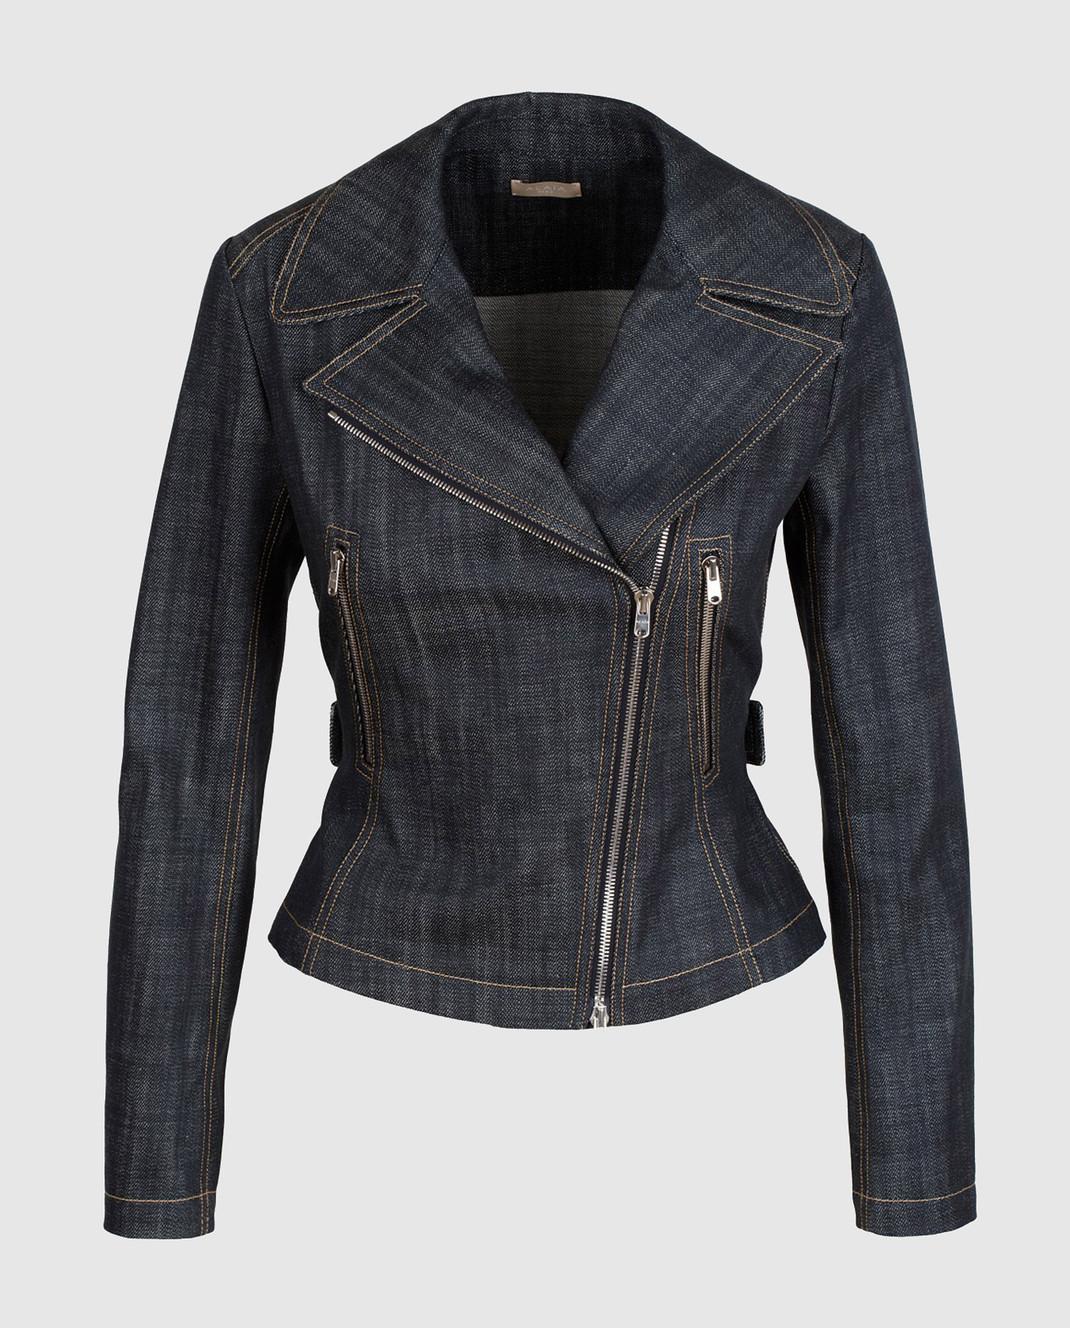 Azzedine Alaia Темно-синяя джинсовая косуха изображение 1